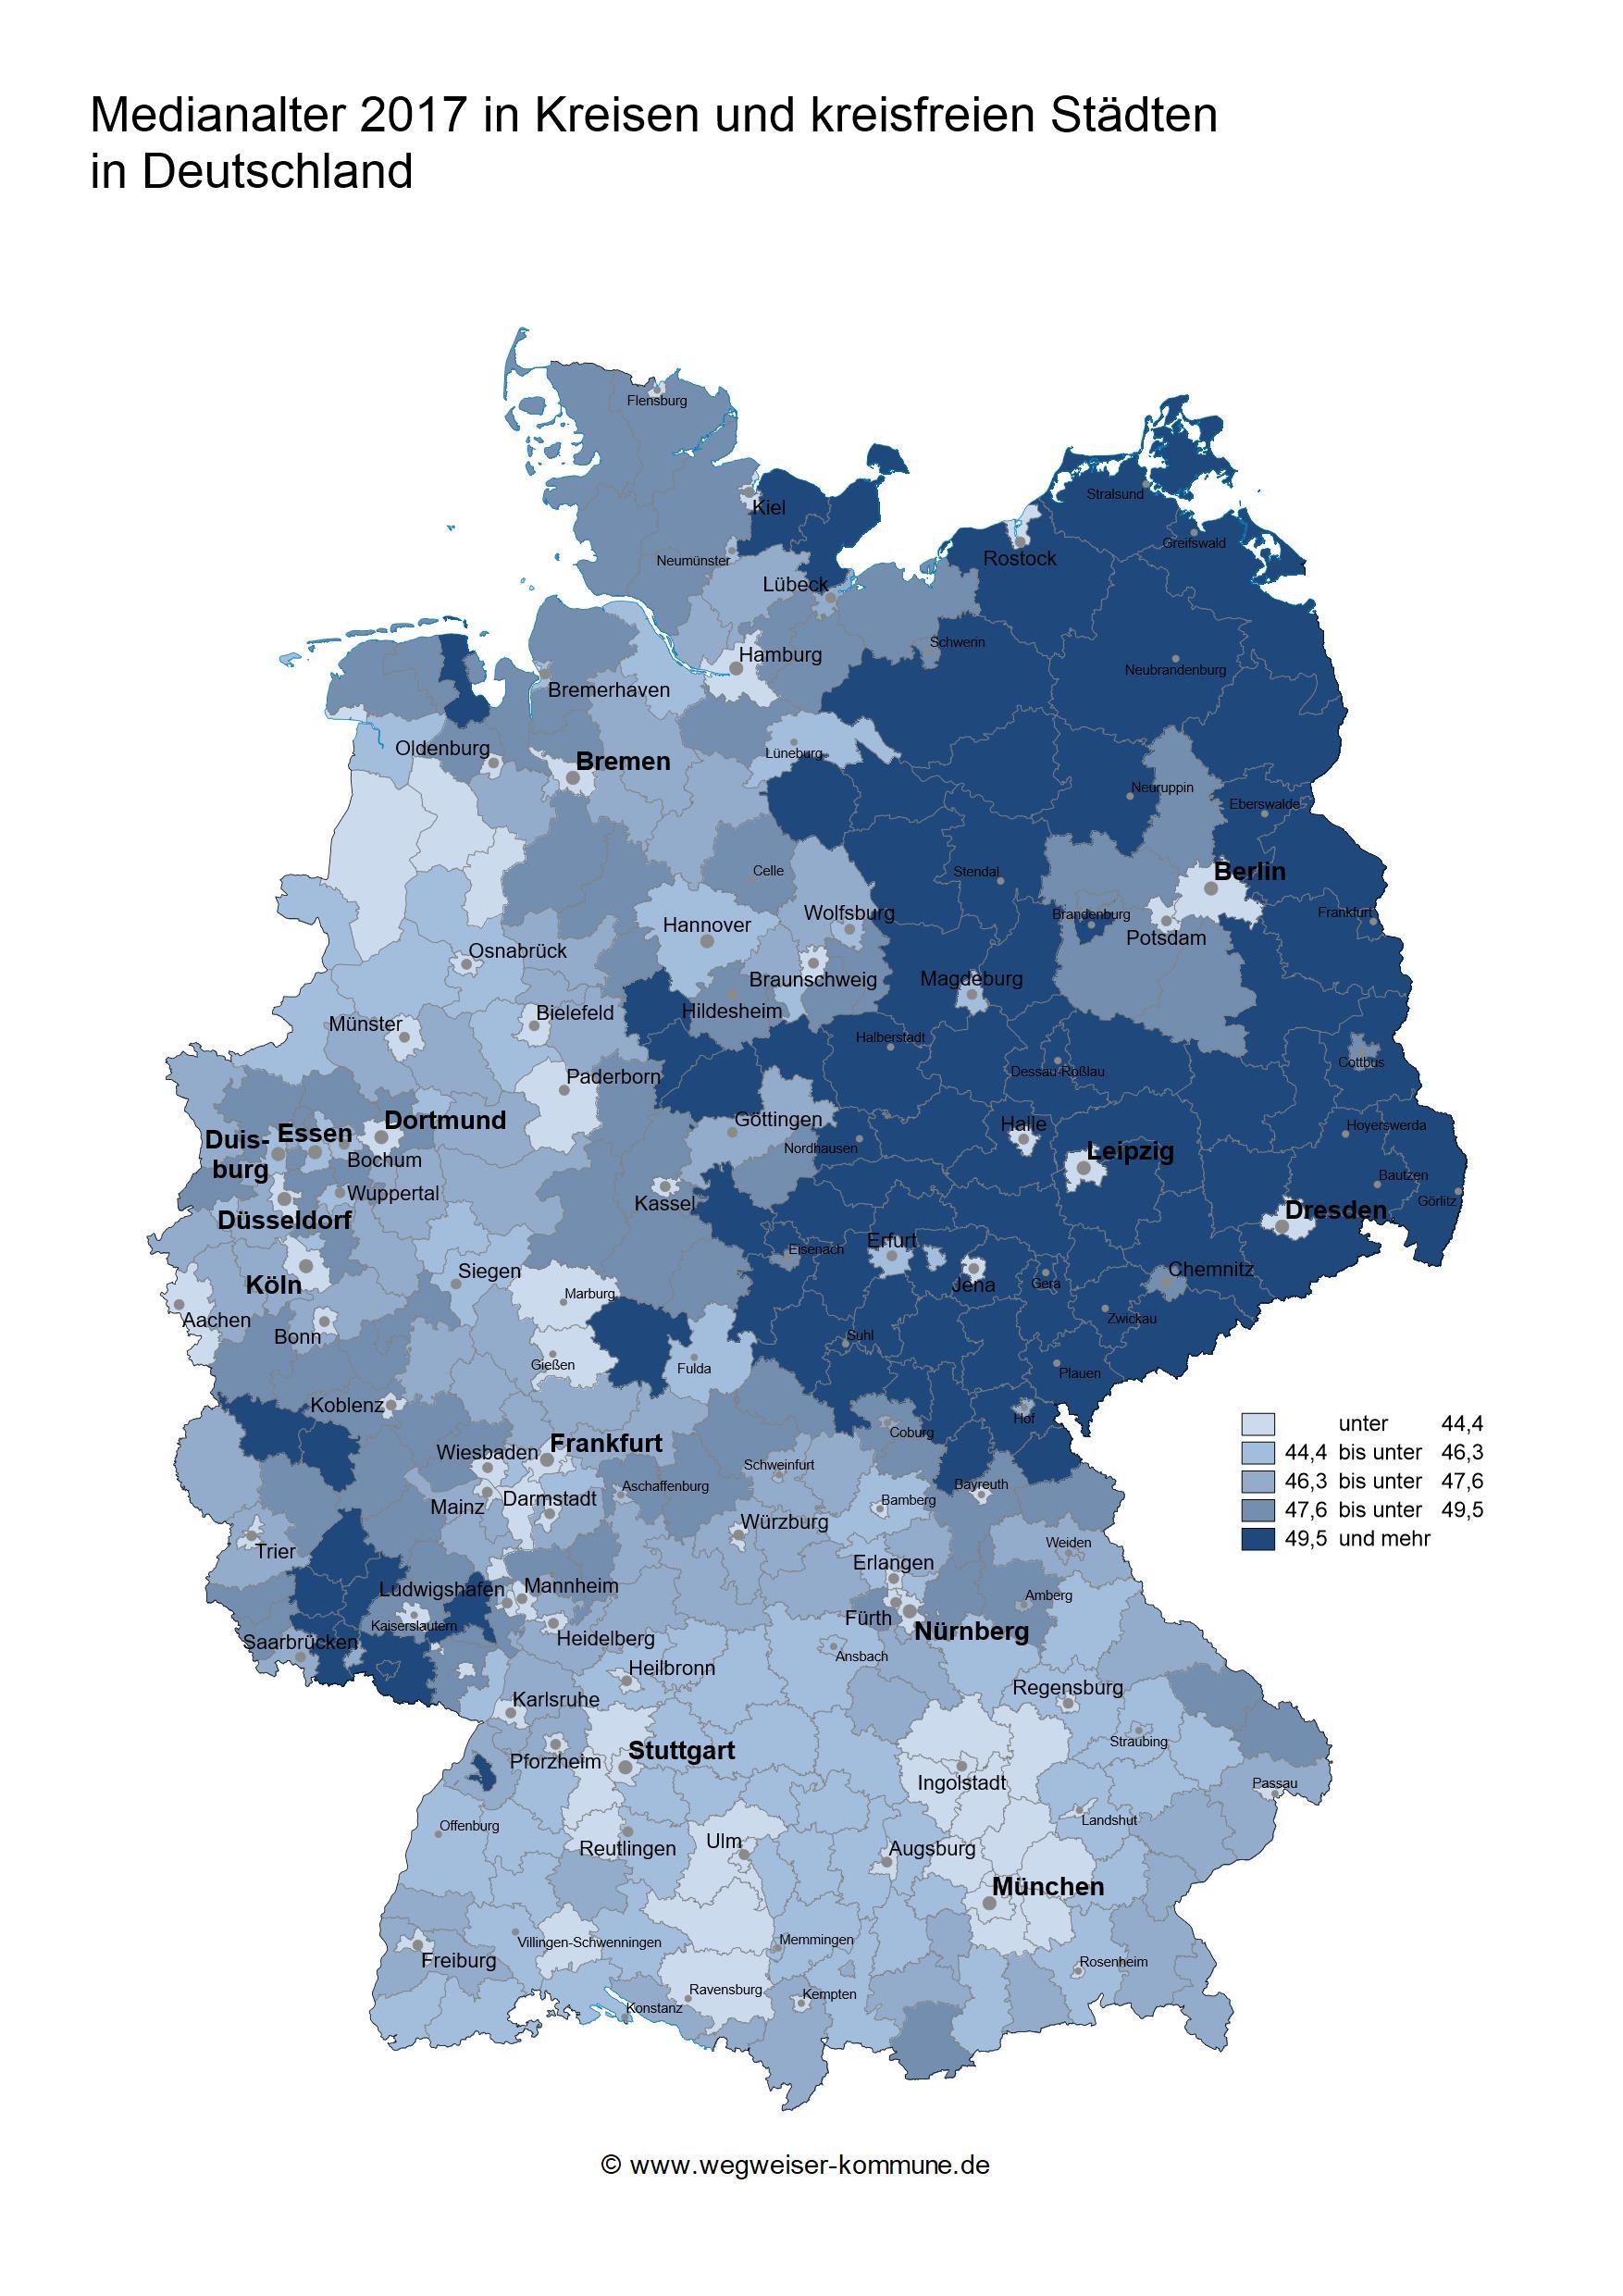 Medianalter 2017 in Kreisen und kreisfreien Städten